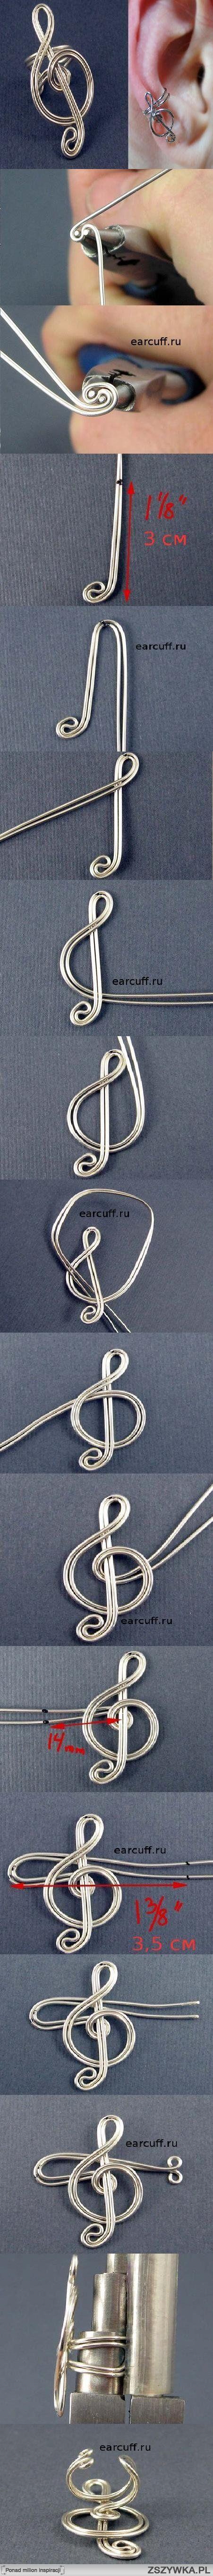 ear cuff for music lovers!  Zobacz zdjęcie muzyczna nausznica w pełnej rozdzielczości